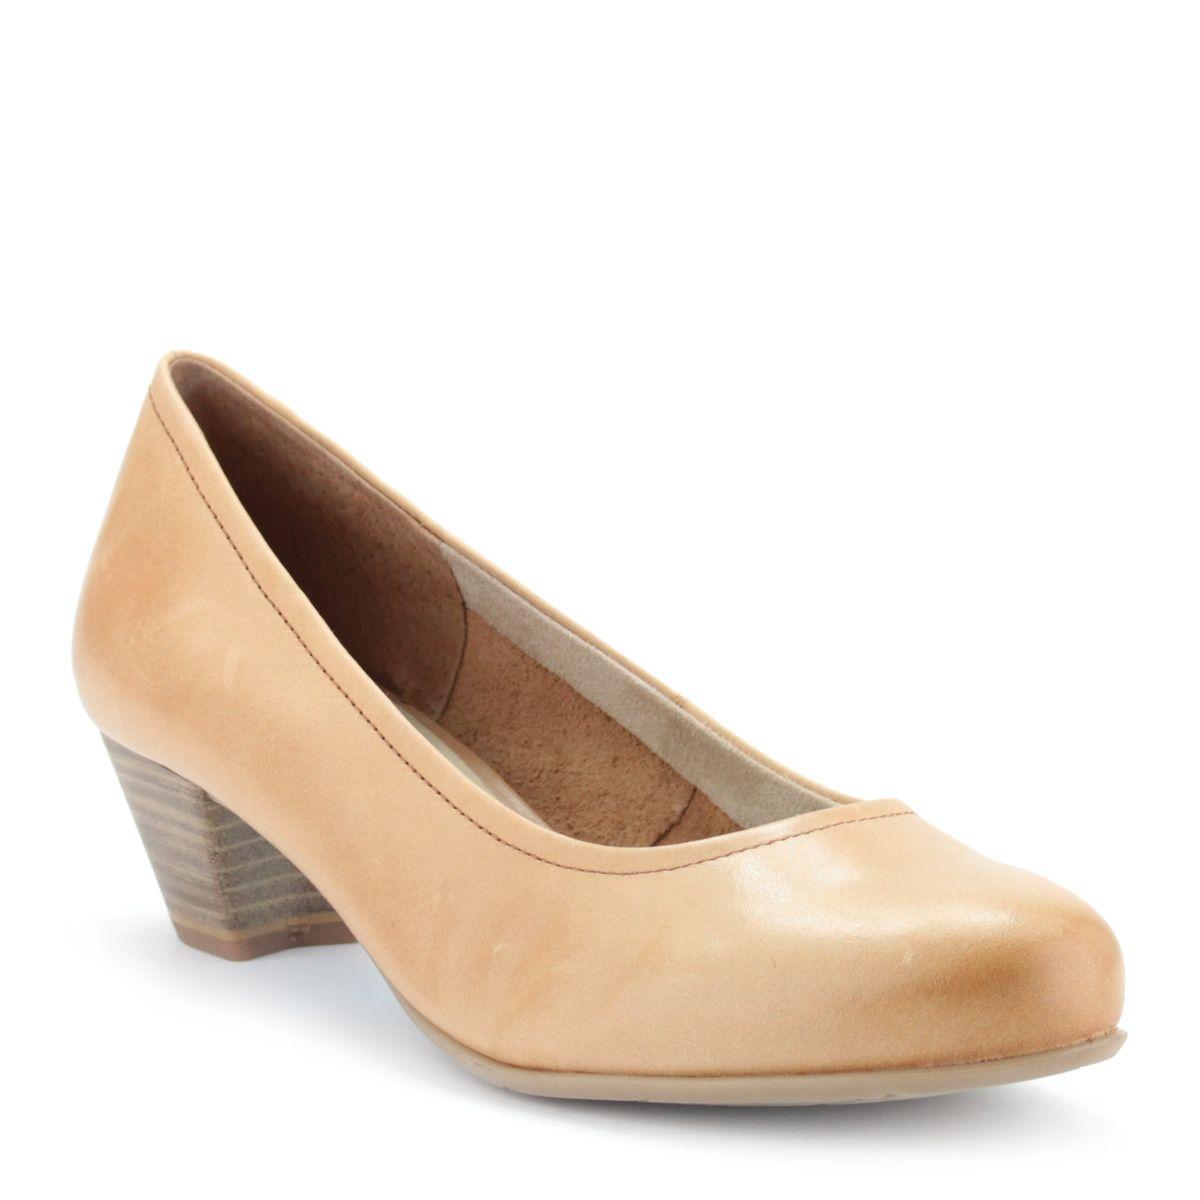 Natúr színű Tamaris cipő f5caaf07f3